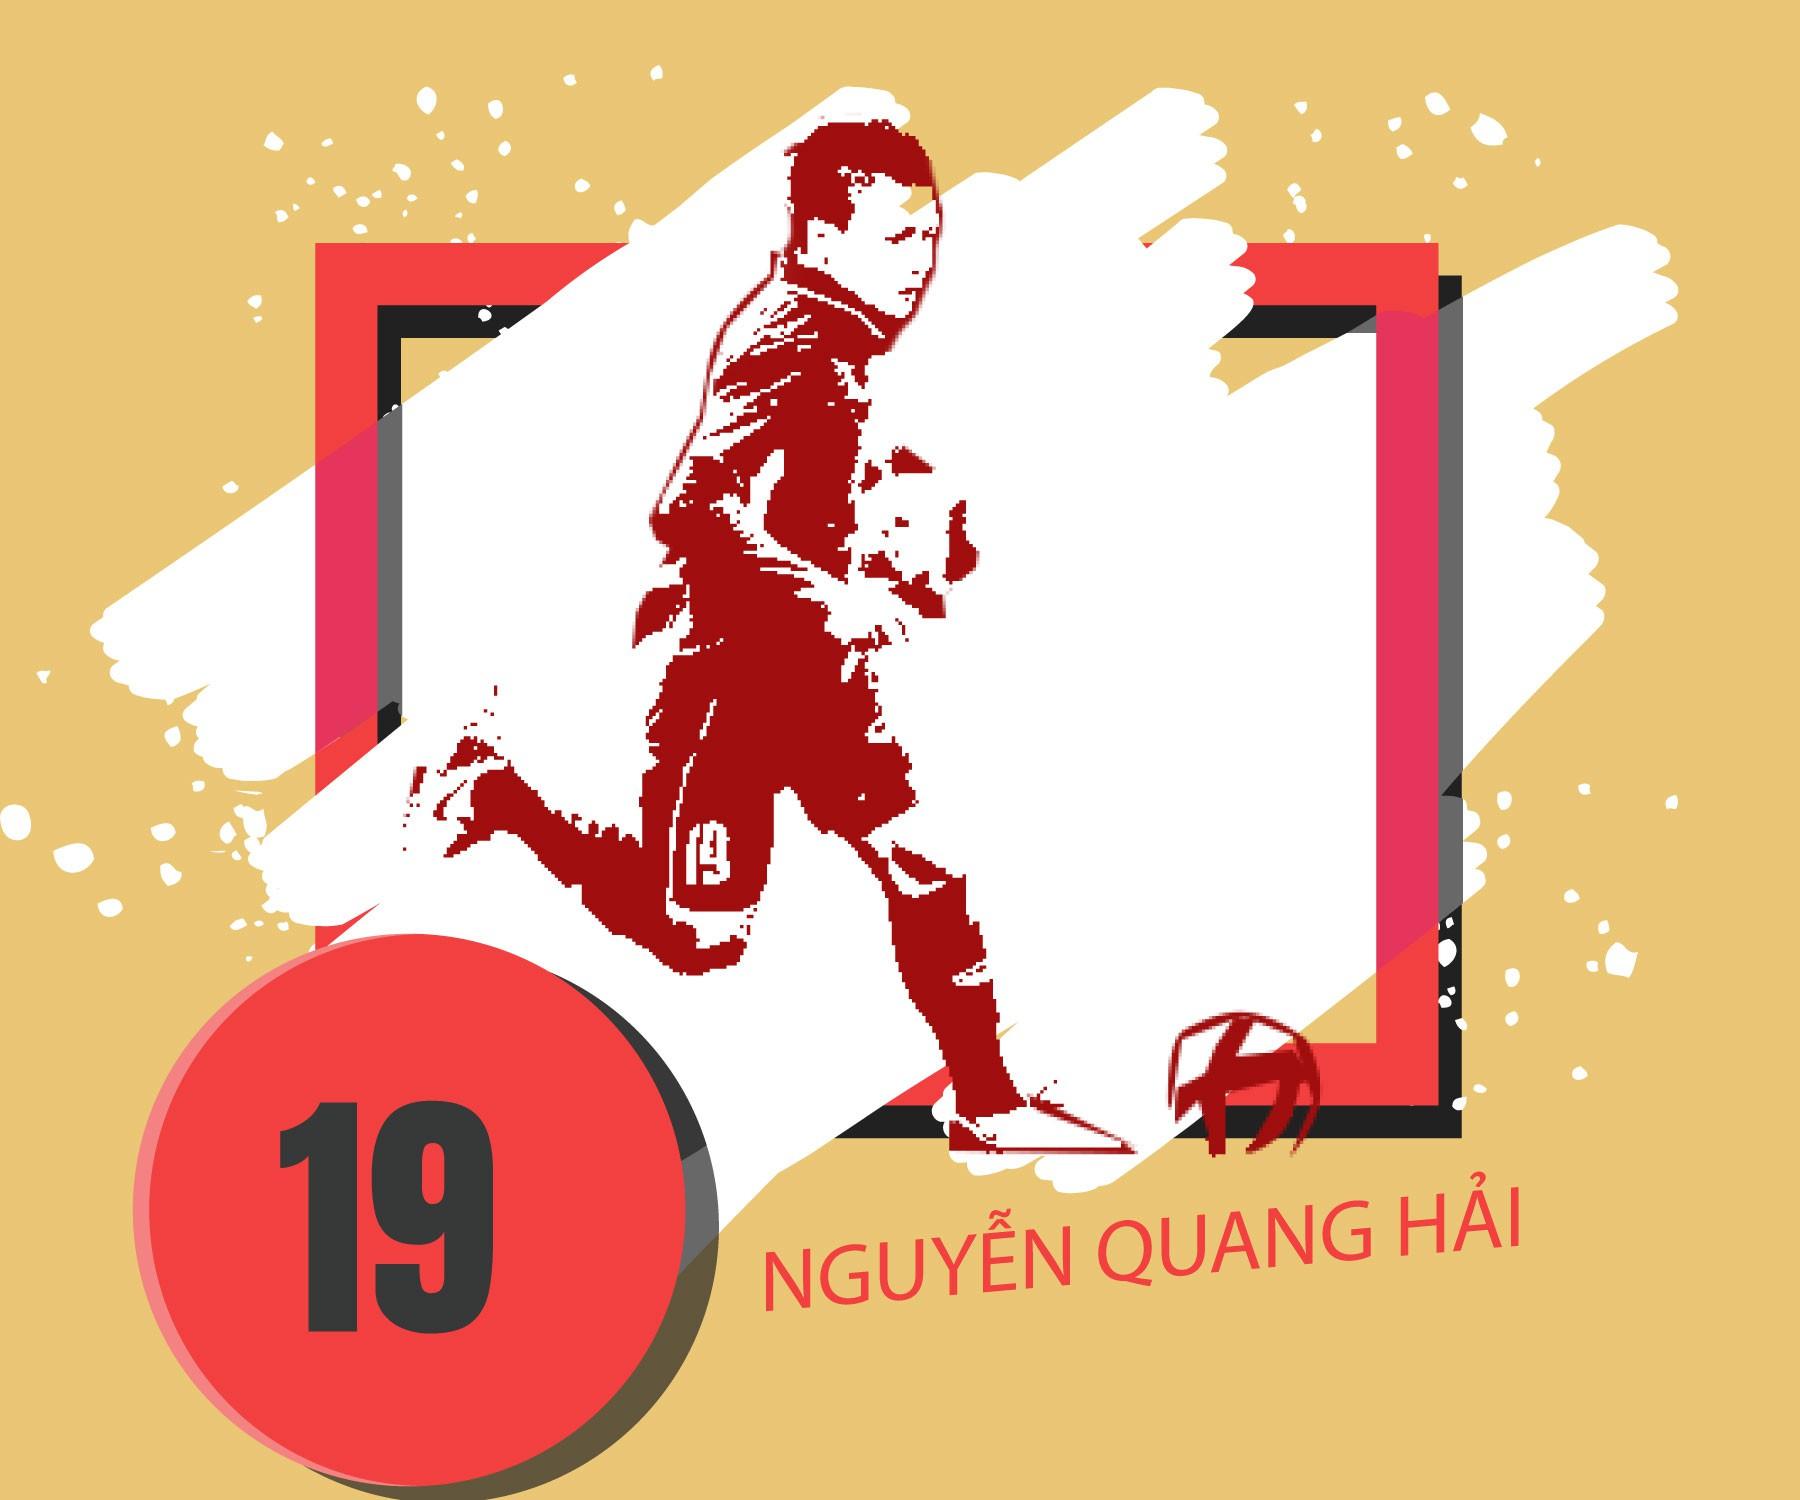 (eMagazine) - Hành trình vào bán kết cúp châu Á của tuyển U23 Việt Nam - Ảnh 3.